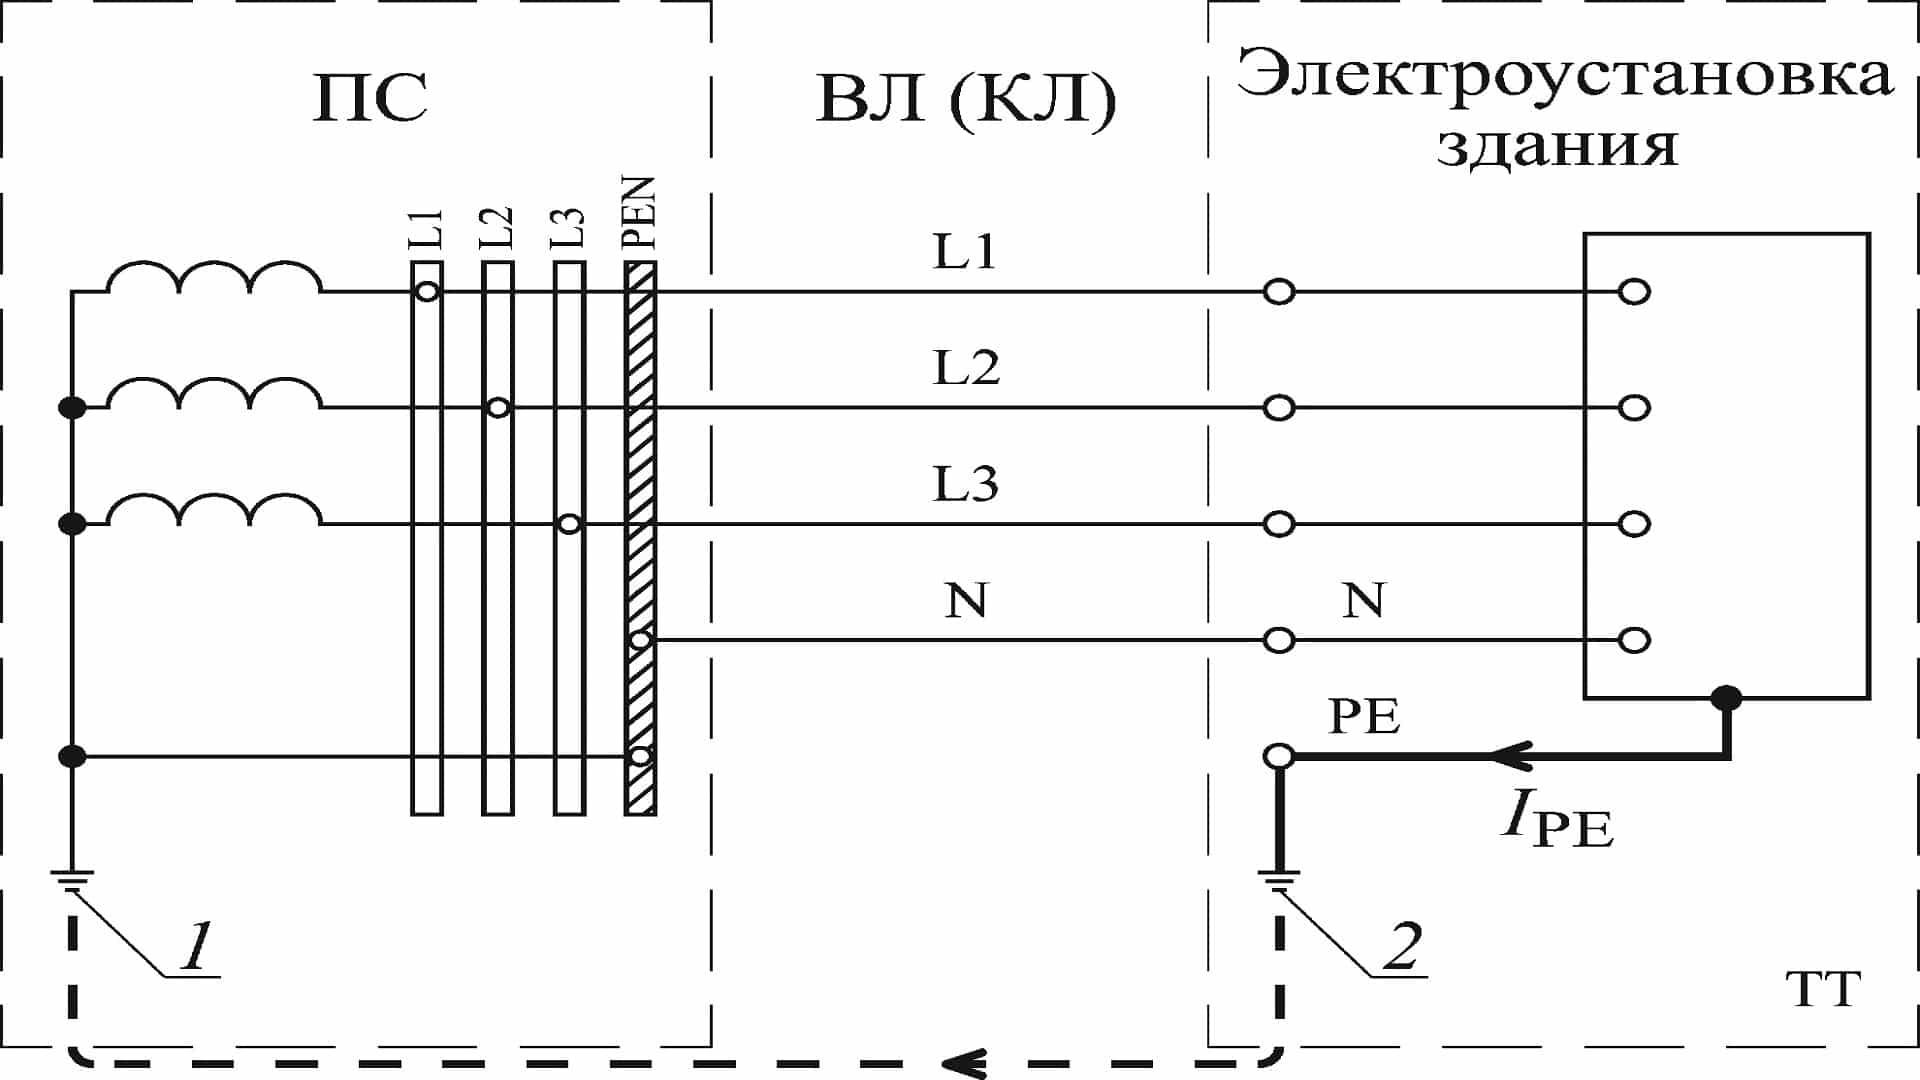 Путь протекания тока защитного проводника в системе TT